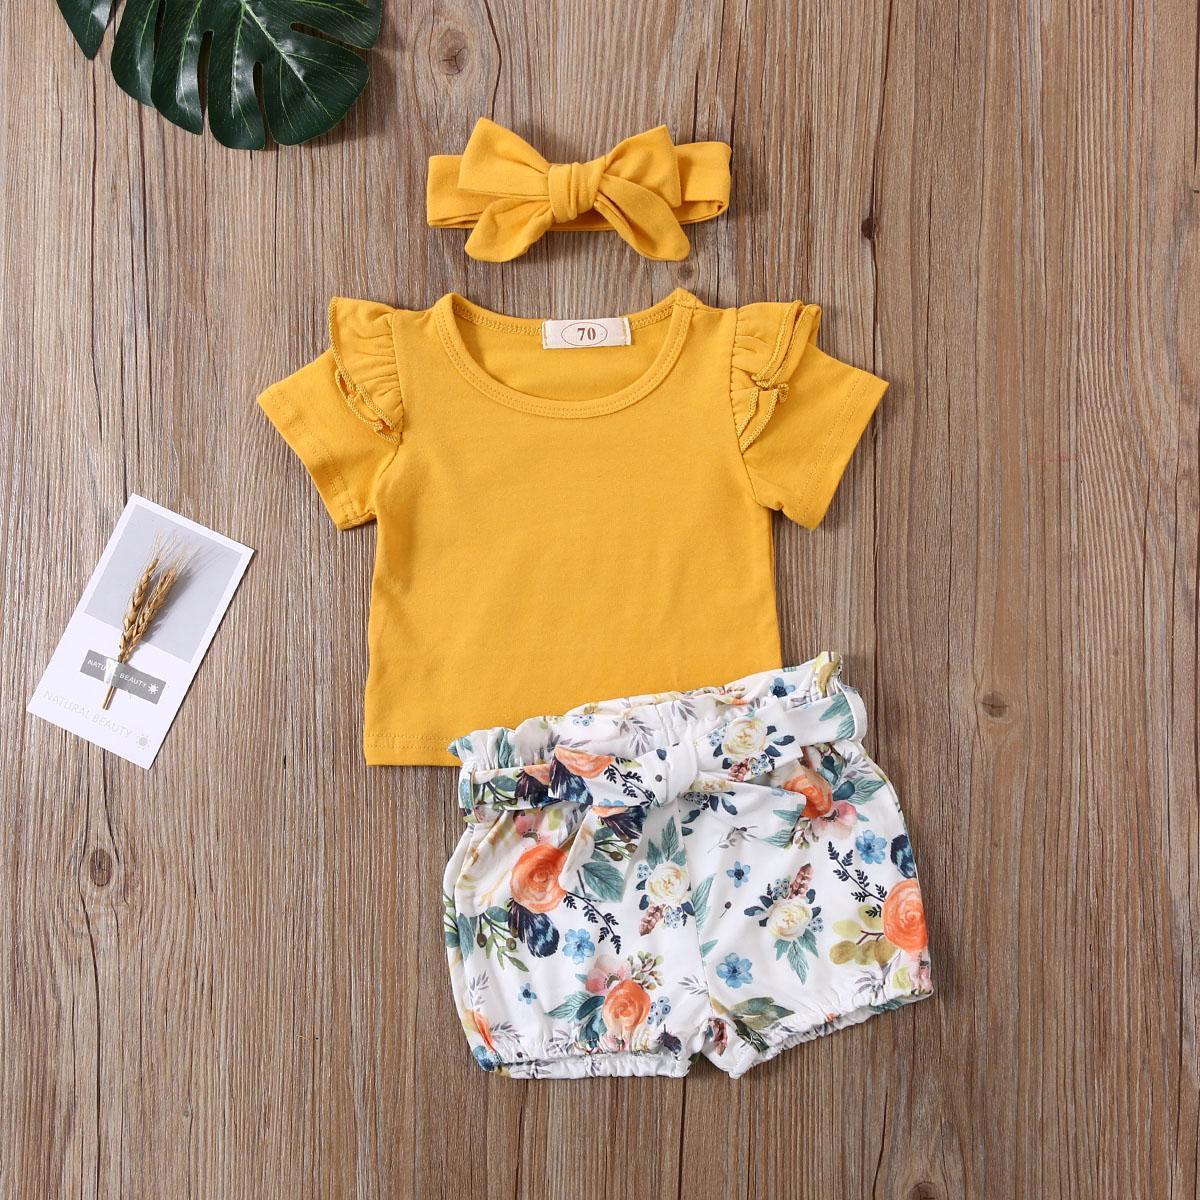 0-24M Baby Mädchen Kleidung Sets Mädchen Rüschenhülse Kurzarm T-shirts Tops + Floral Shorts + Stirnband 3 stücke Für Säugling